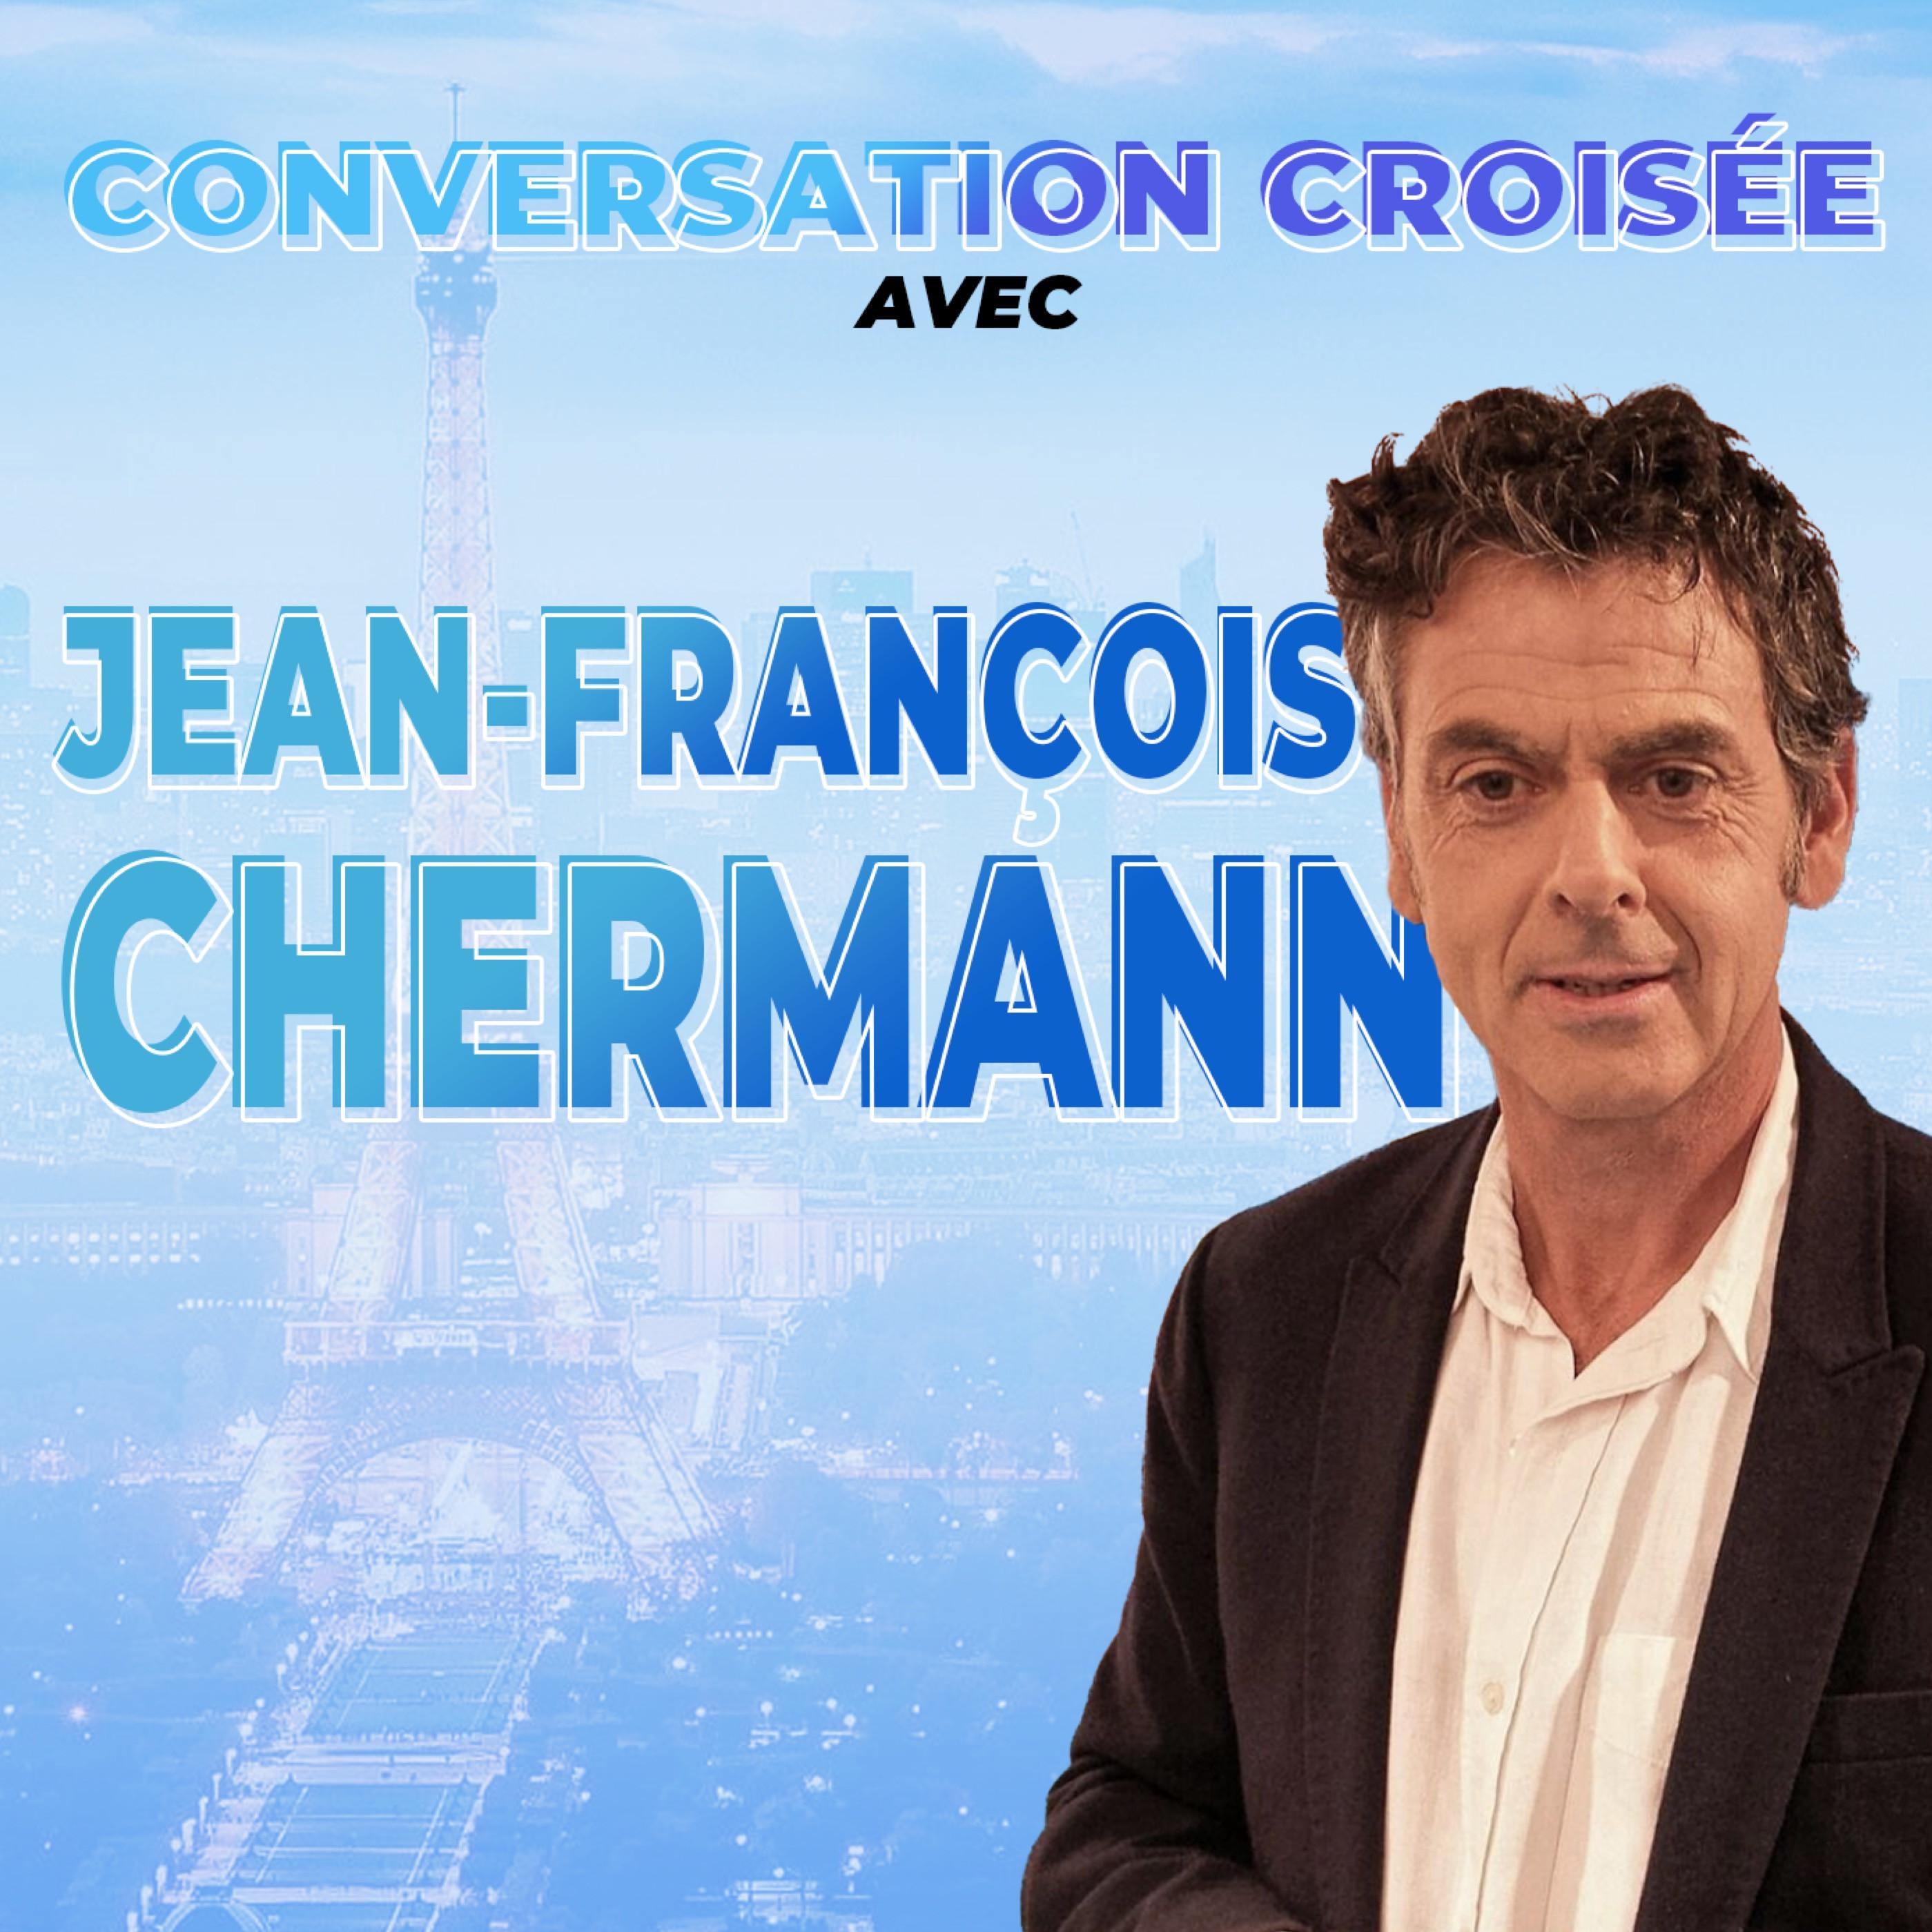 #8 - Conversation croisée - Jean-François Chermann  (Neurologue 🧠)